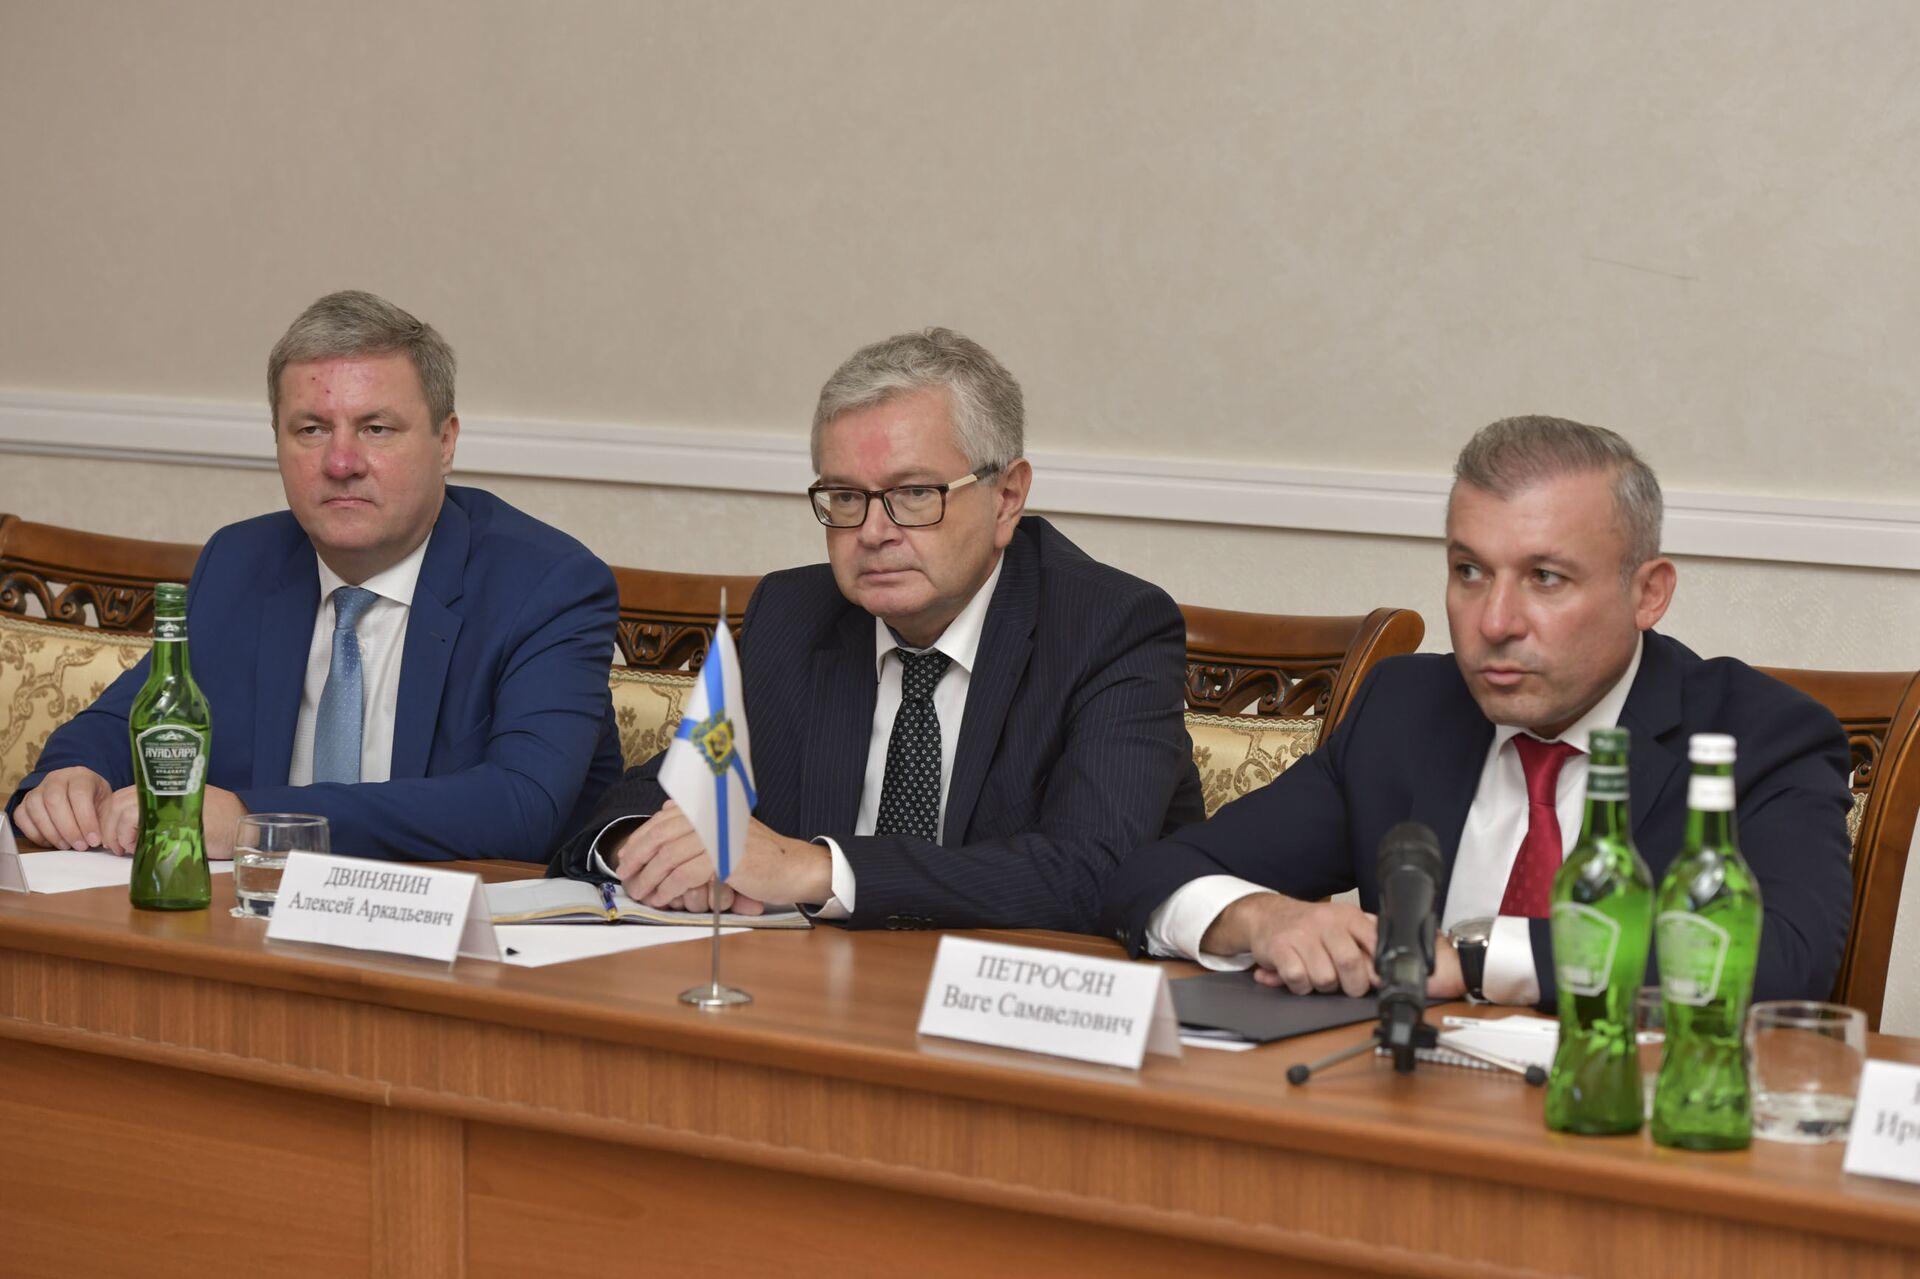 Встреча президента Бжания с представителями архангельской области - Sputnik Абхазия, 1920, 12.10.2021